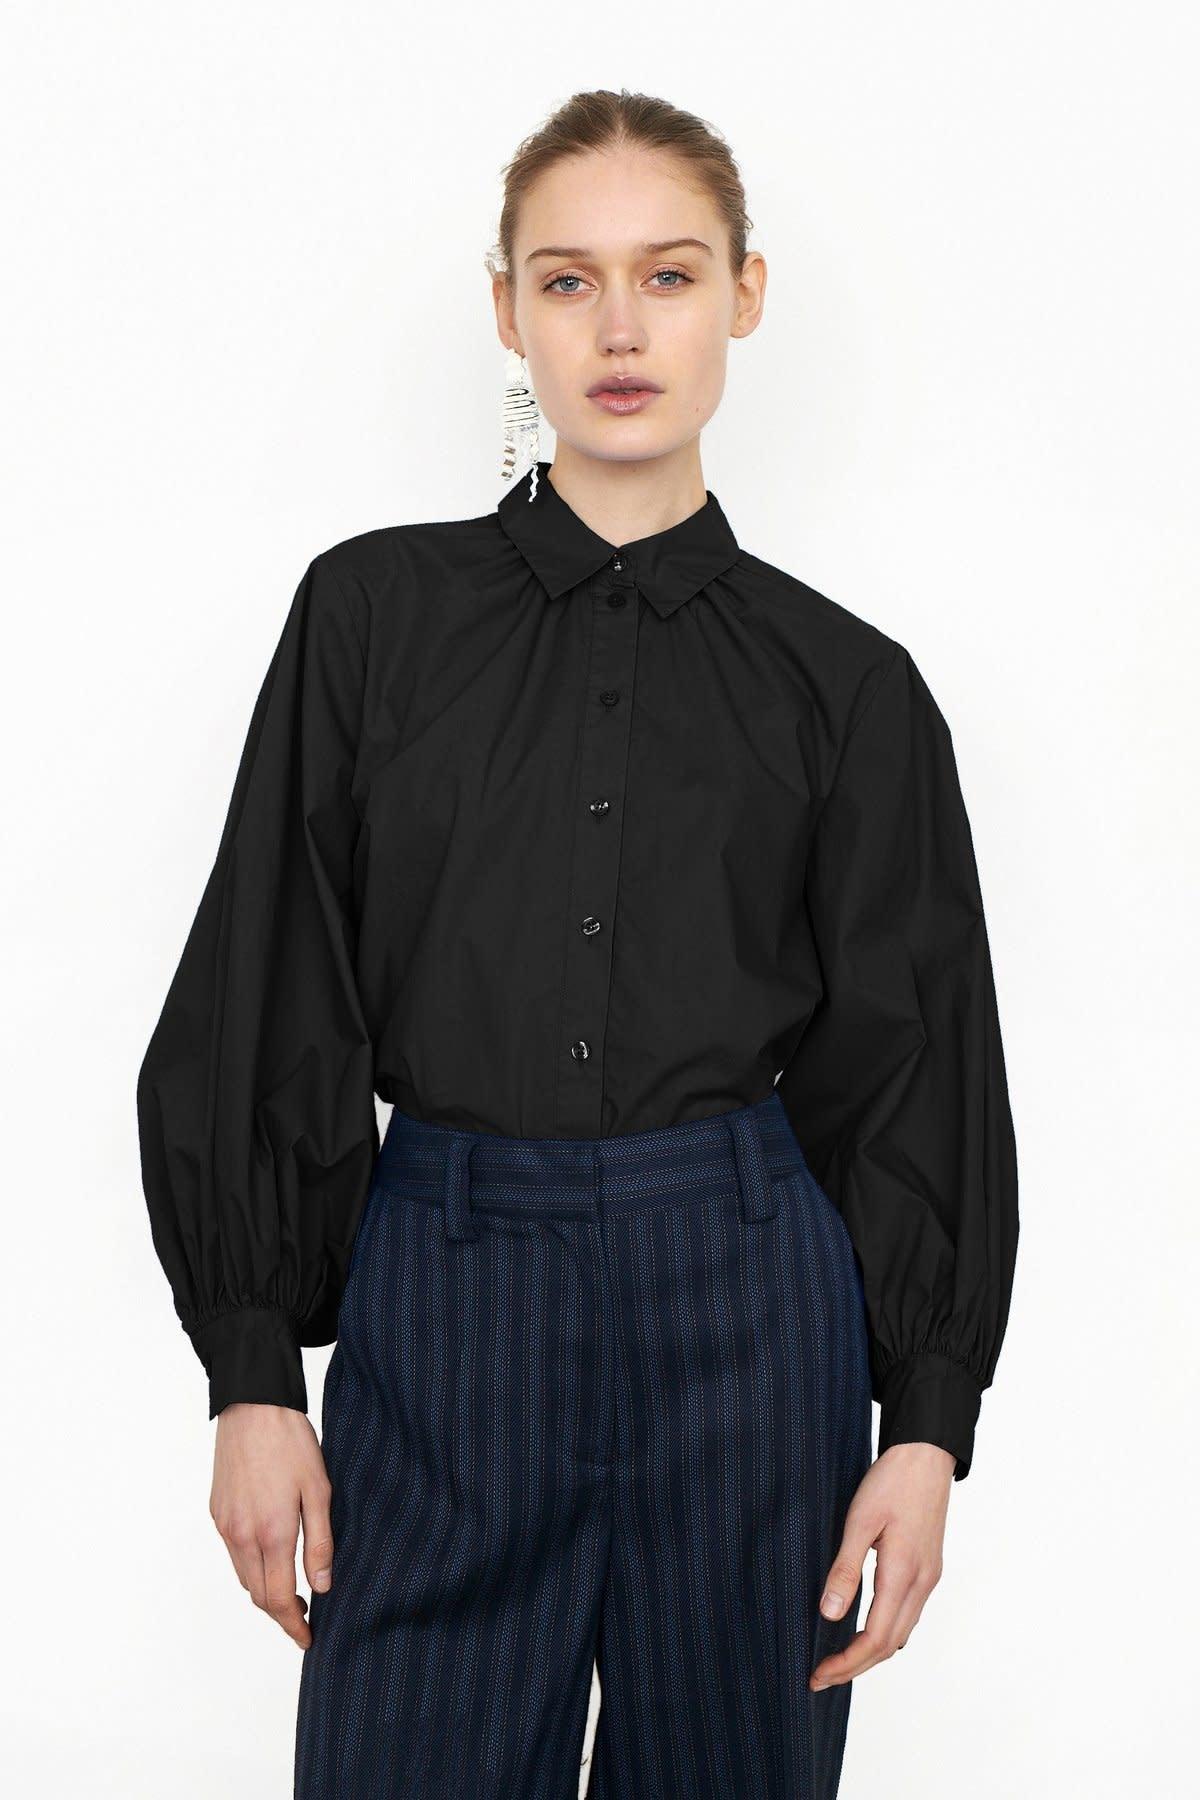 Totema New shirt black-3